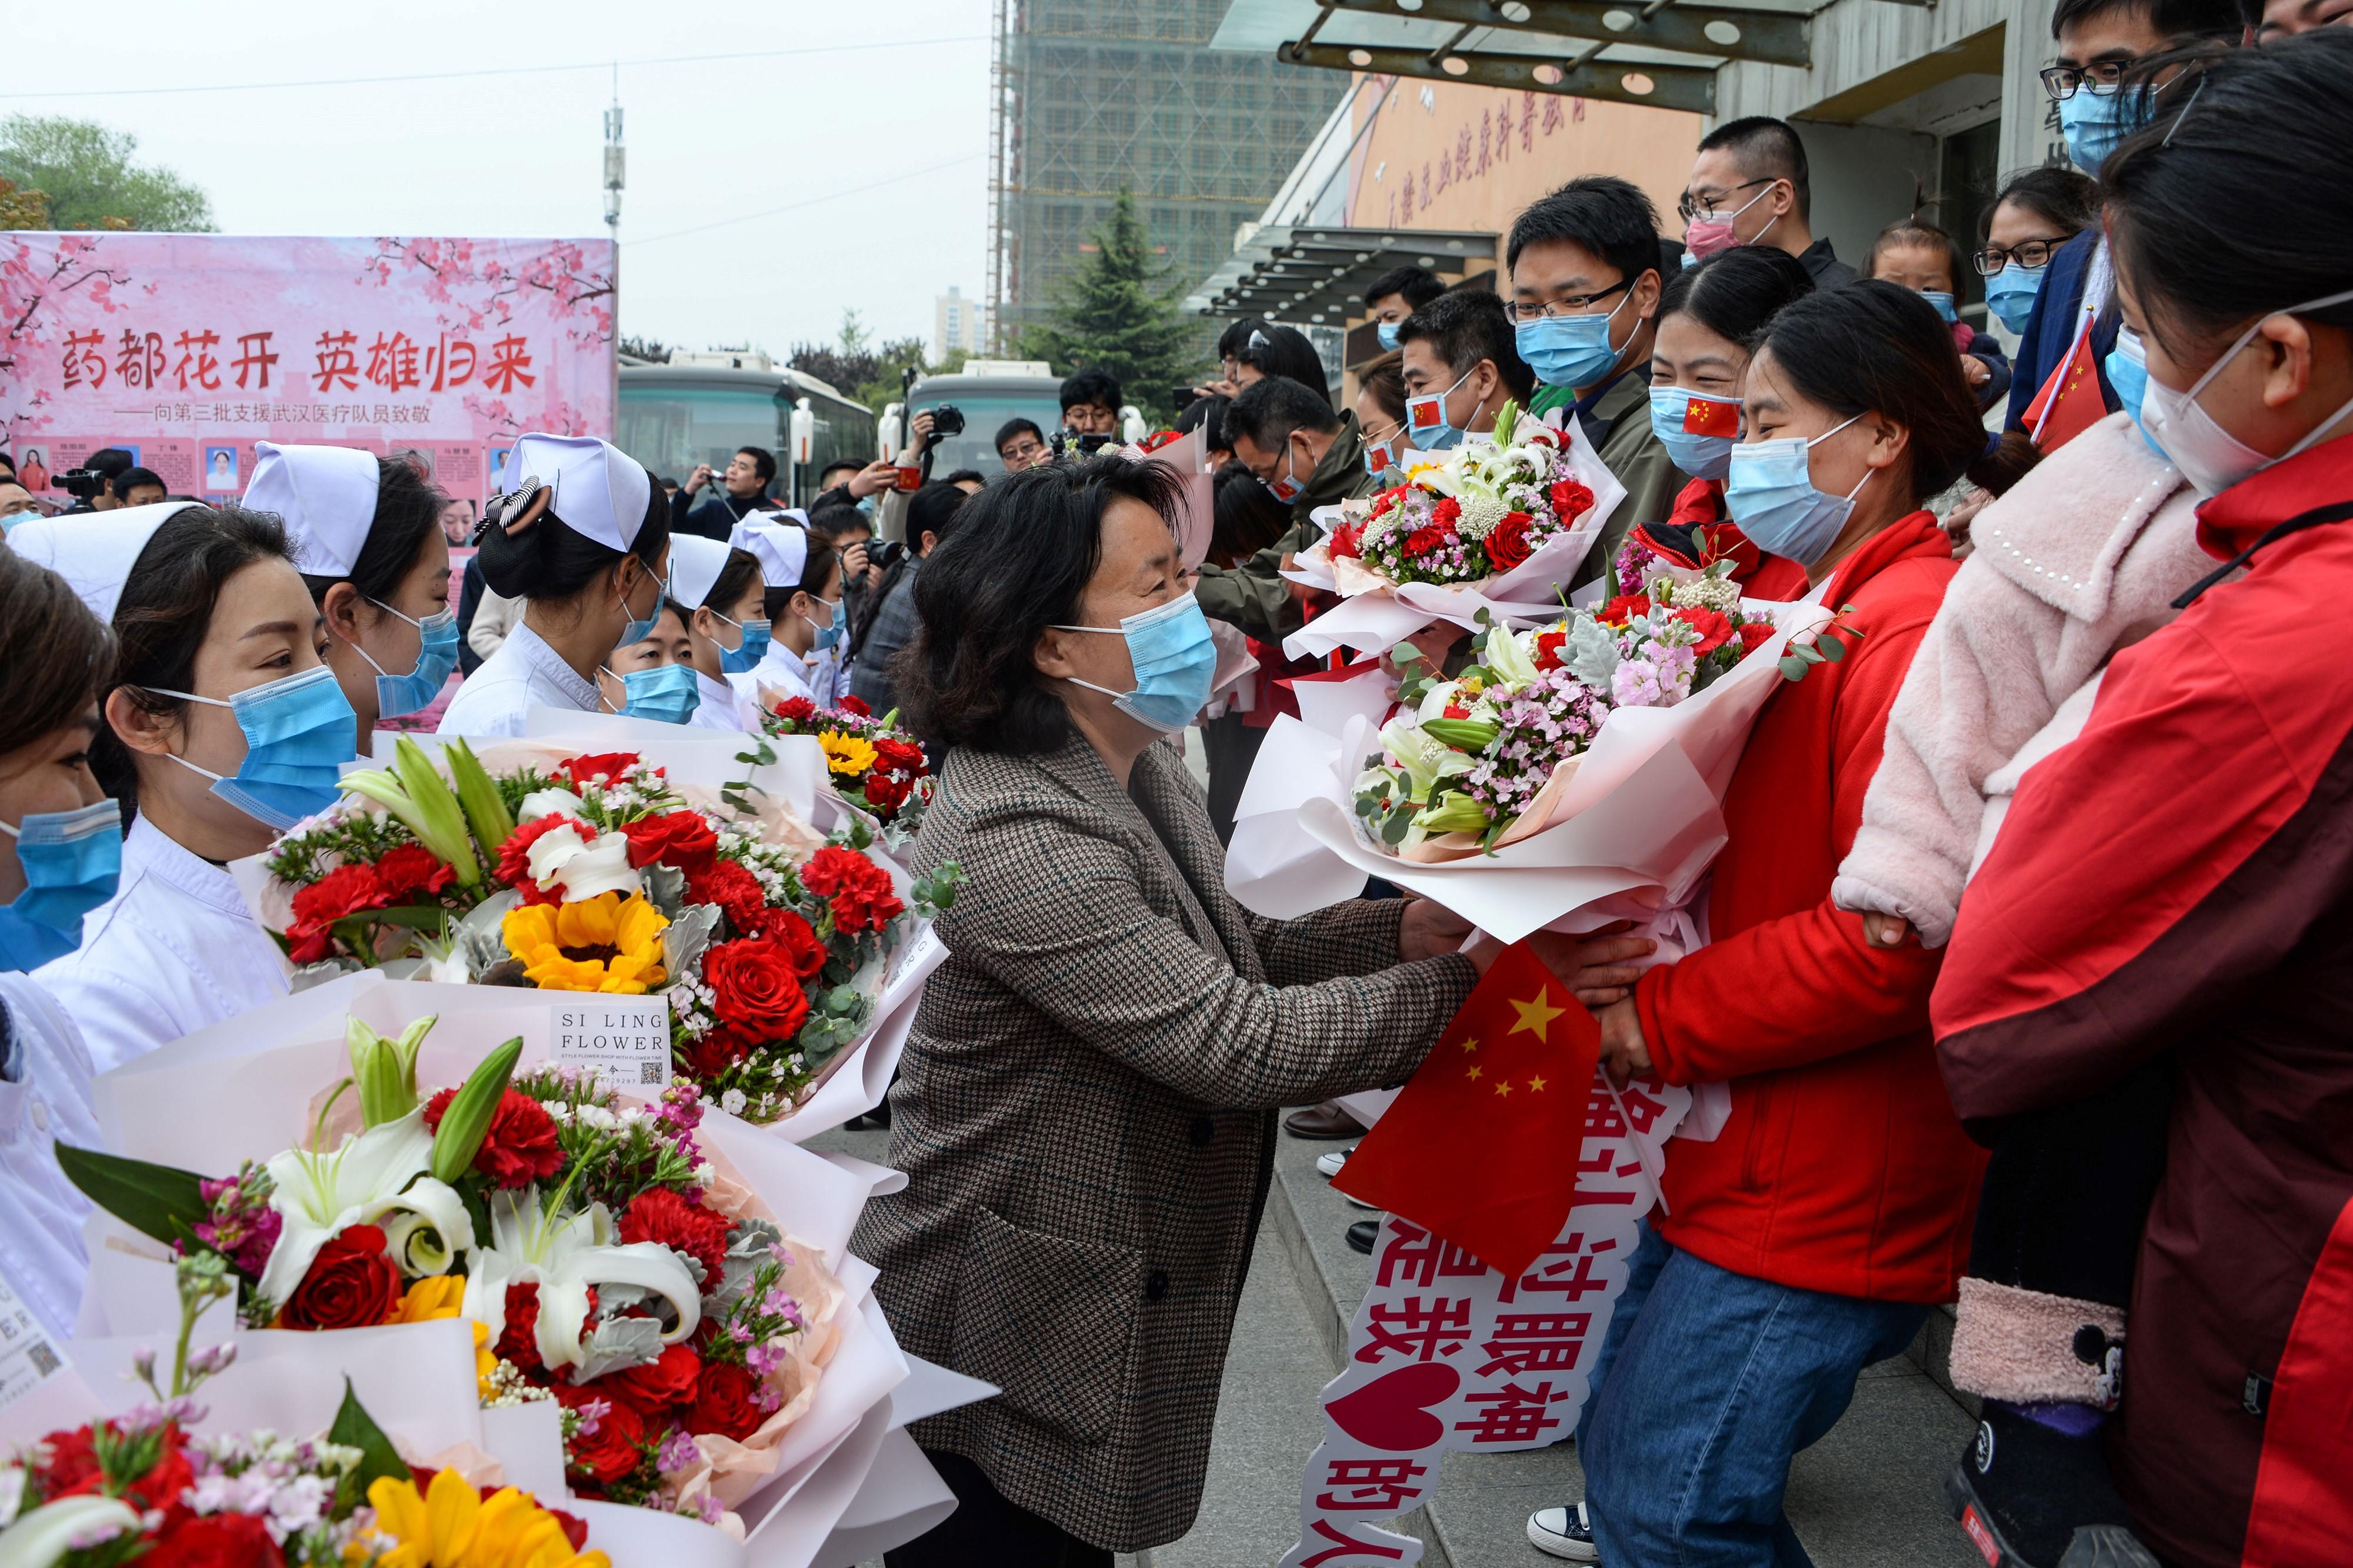 Após ajudarem no esforço de combate à covid-19 em Wuhan, membros da equipe médica recebem flores ao voltar para casa em Bozhou, na província chinesa de Anhui, em 10 de abril de 2020.